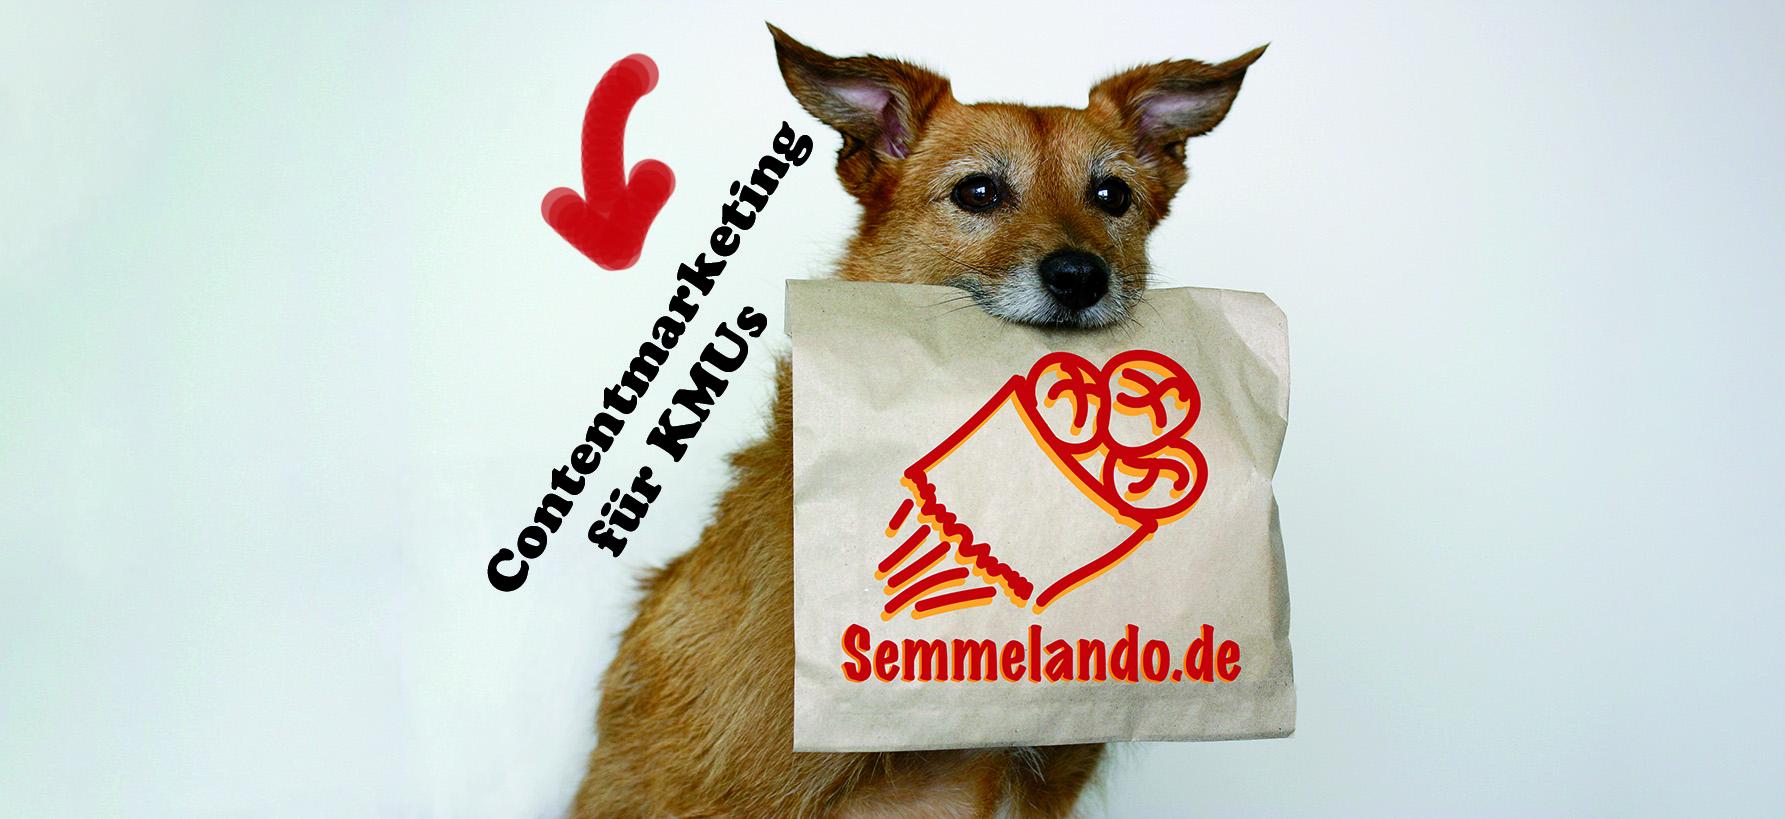 Hund mit Brötchentüte von Semmelando Contentmarketing